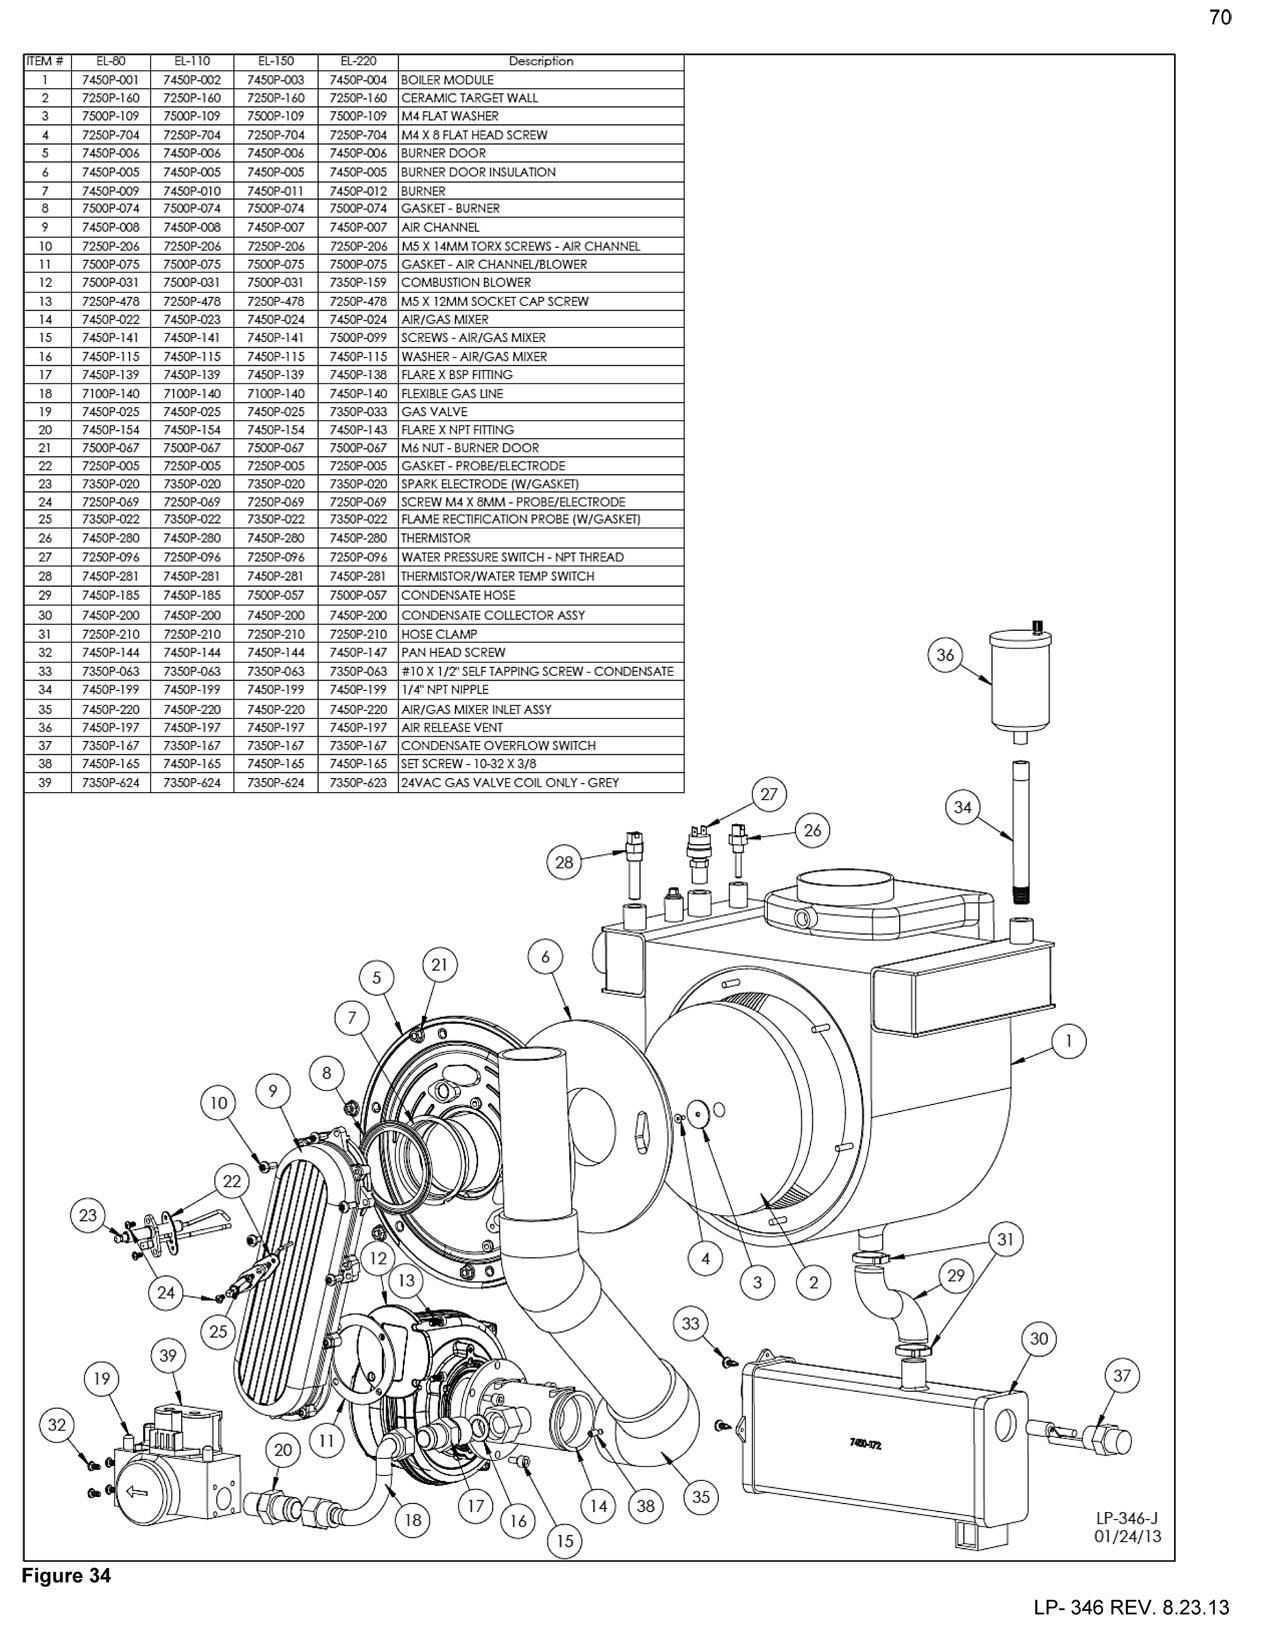 Elite Volume Water Heater Parts Drawings